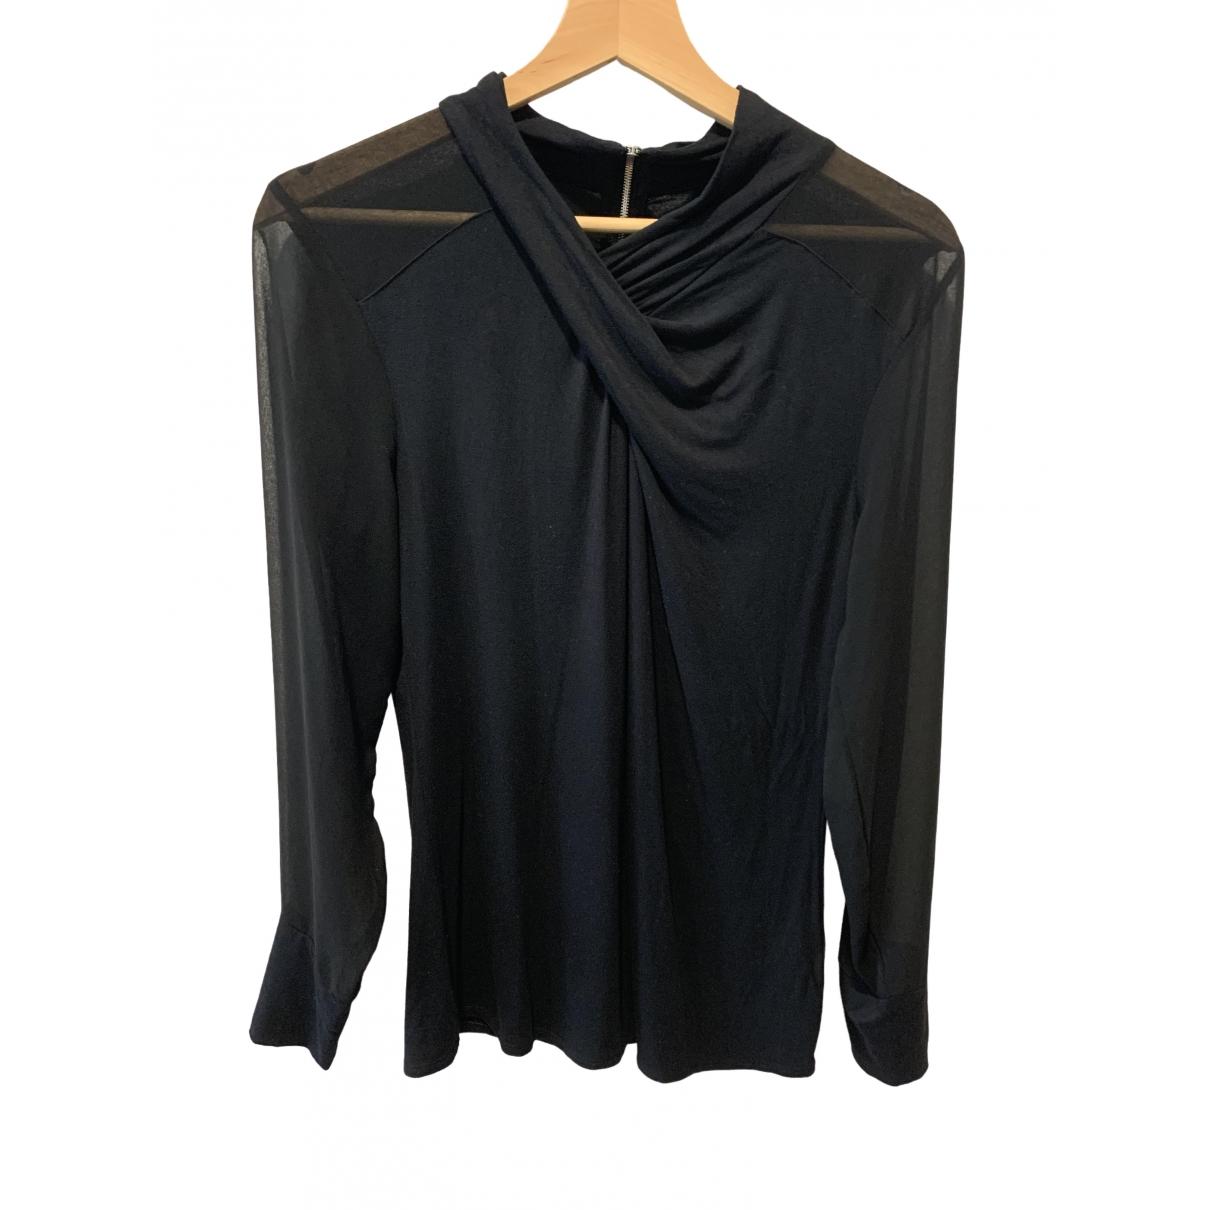 Karen Millen \N Black  top for Women 12 UK